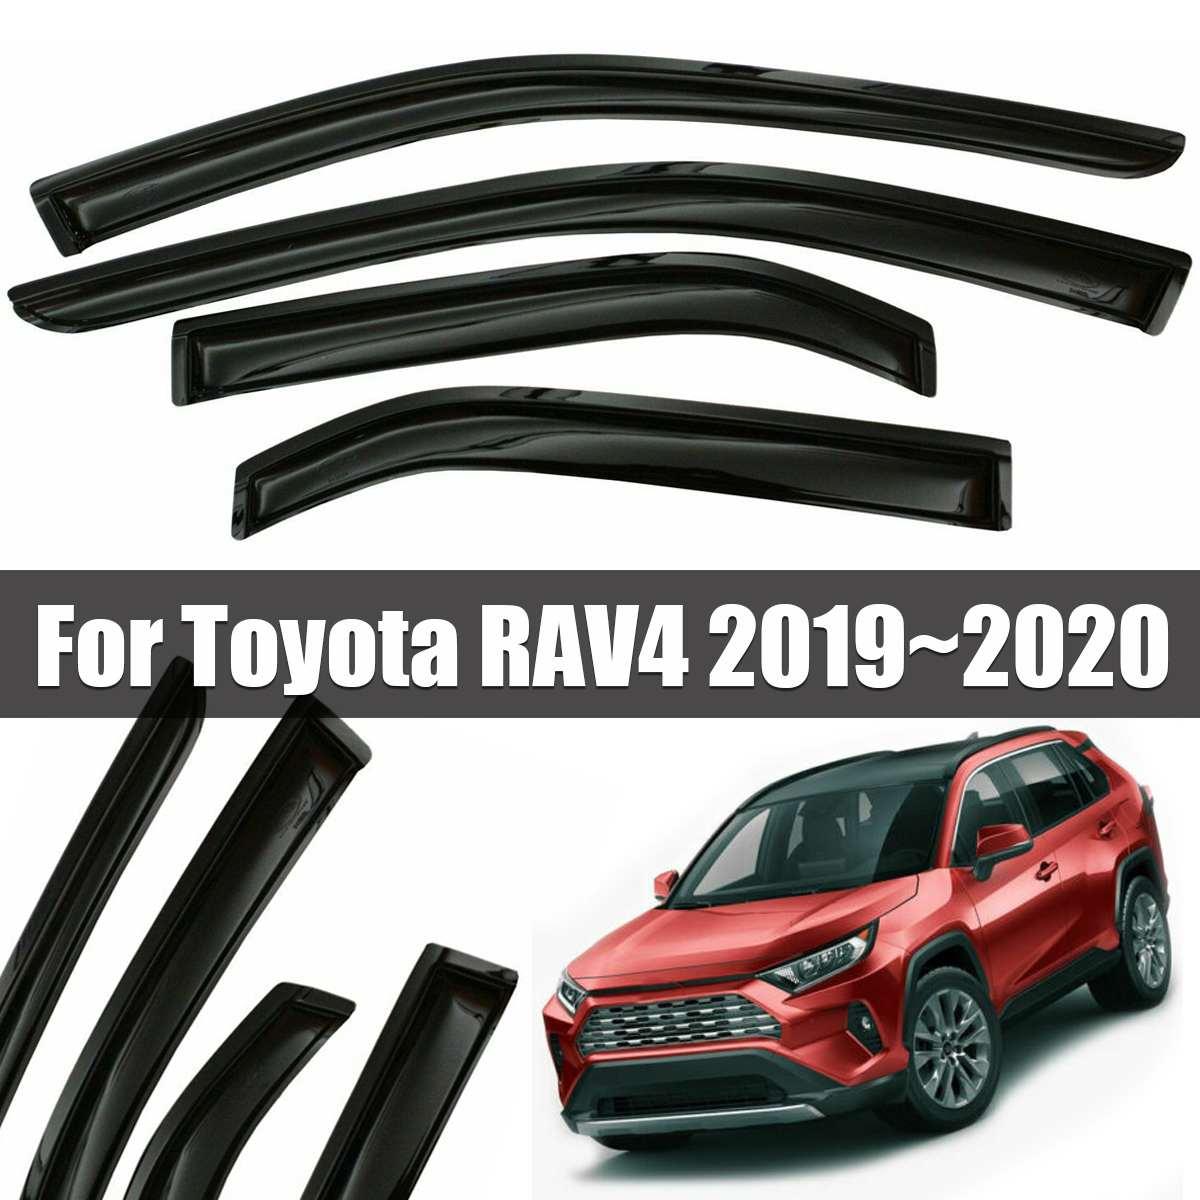 4 pièces fenêtre visière déflecteur garde-pluie garnitures chromées Vent pare-soleil déflecteurs pour Toyota RAV4 2019 ~ 2020